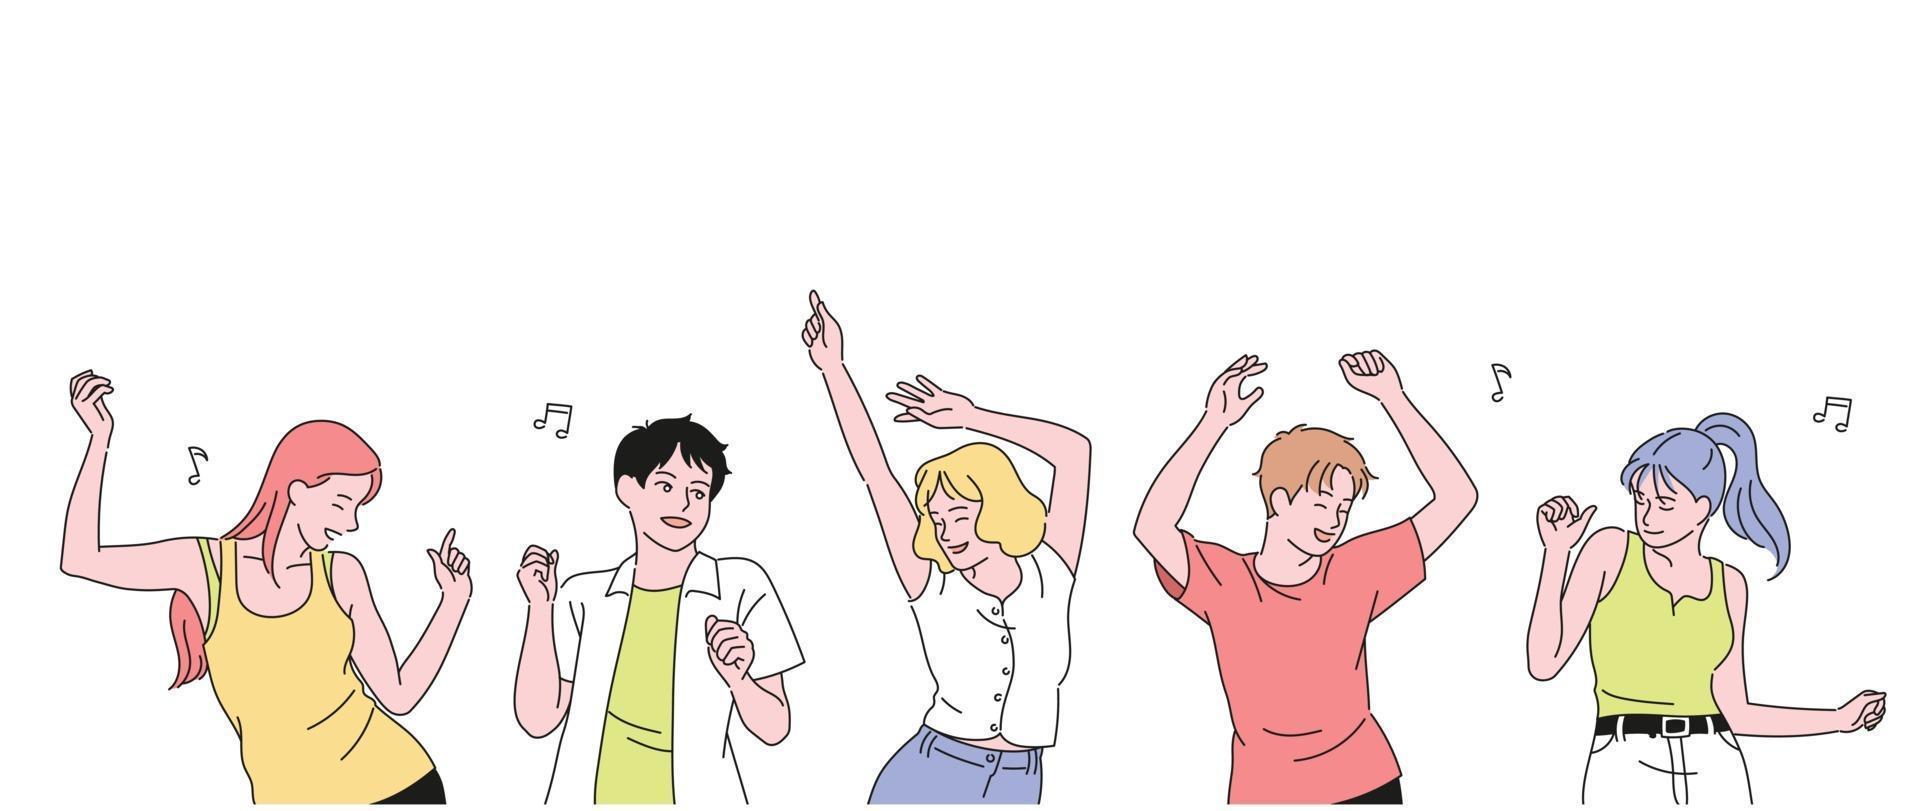 les gens dansent avec enthousiasme. illustrations de conception de vecteur  de style dessiné à la main. 2248588 - Telecharger Vectoriel Gratuit, Clipart  Graphique, Vecteur Dessins et Pictogramme Gratuit